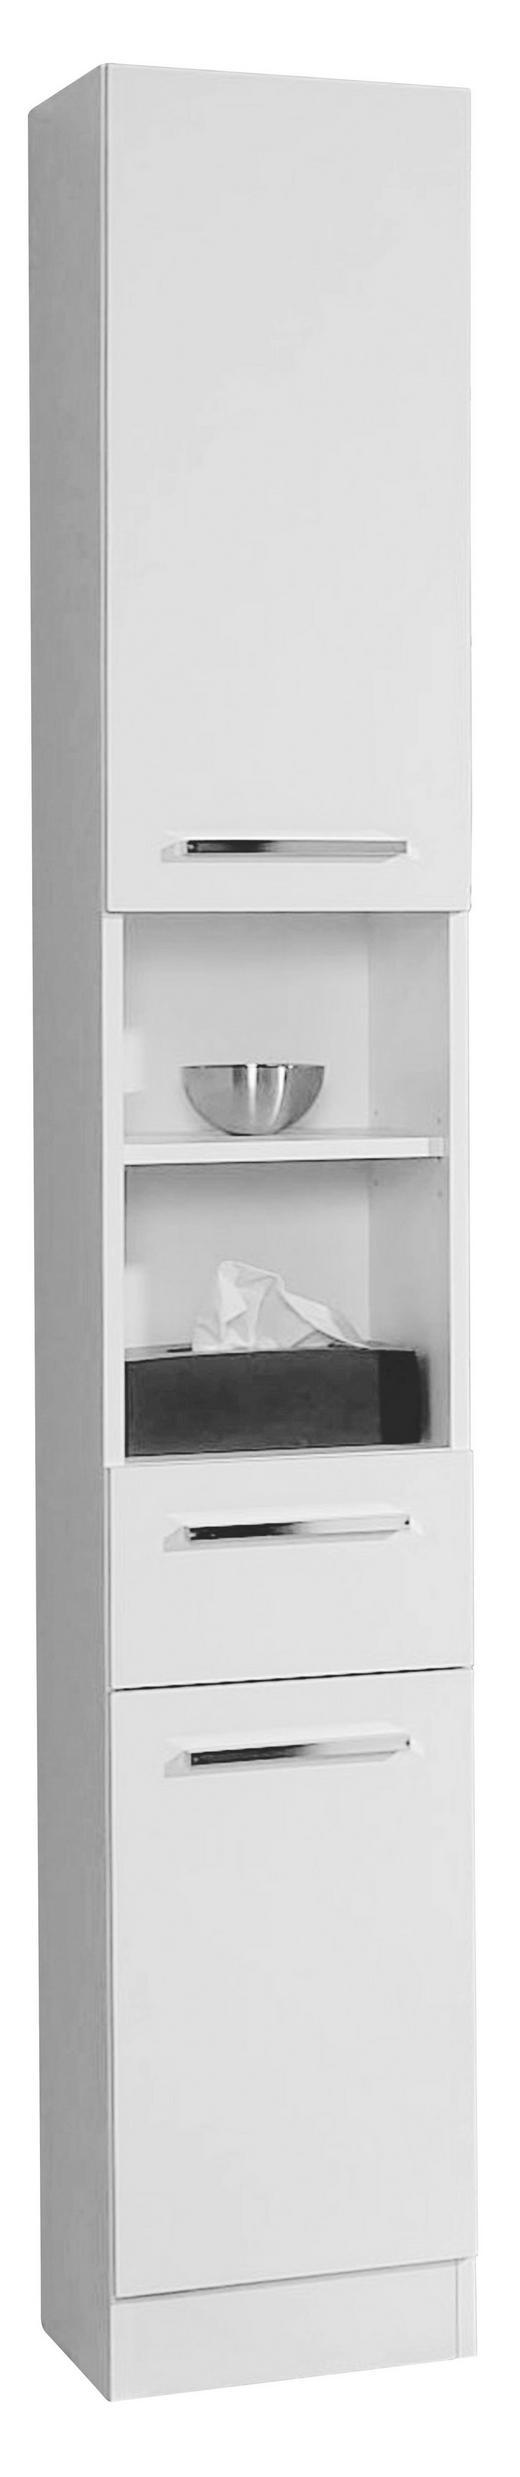 HOCHSCHRANK Weiß - Chromfarben/Weiß, Design, Holzwerkstoff (30/195,5/33cm) - Carryhome